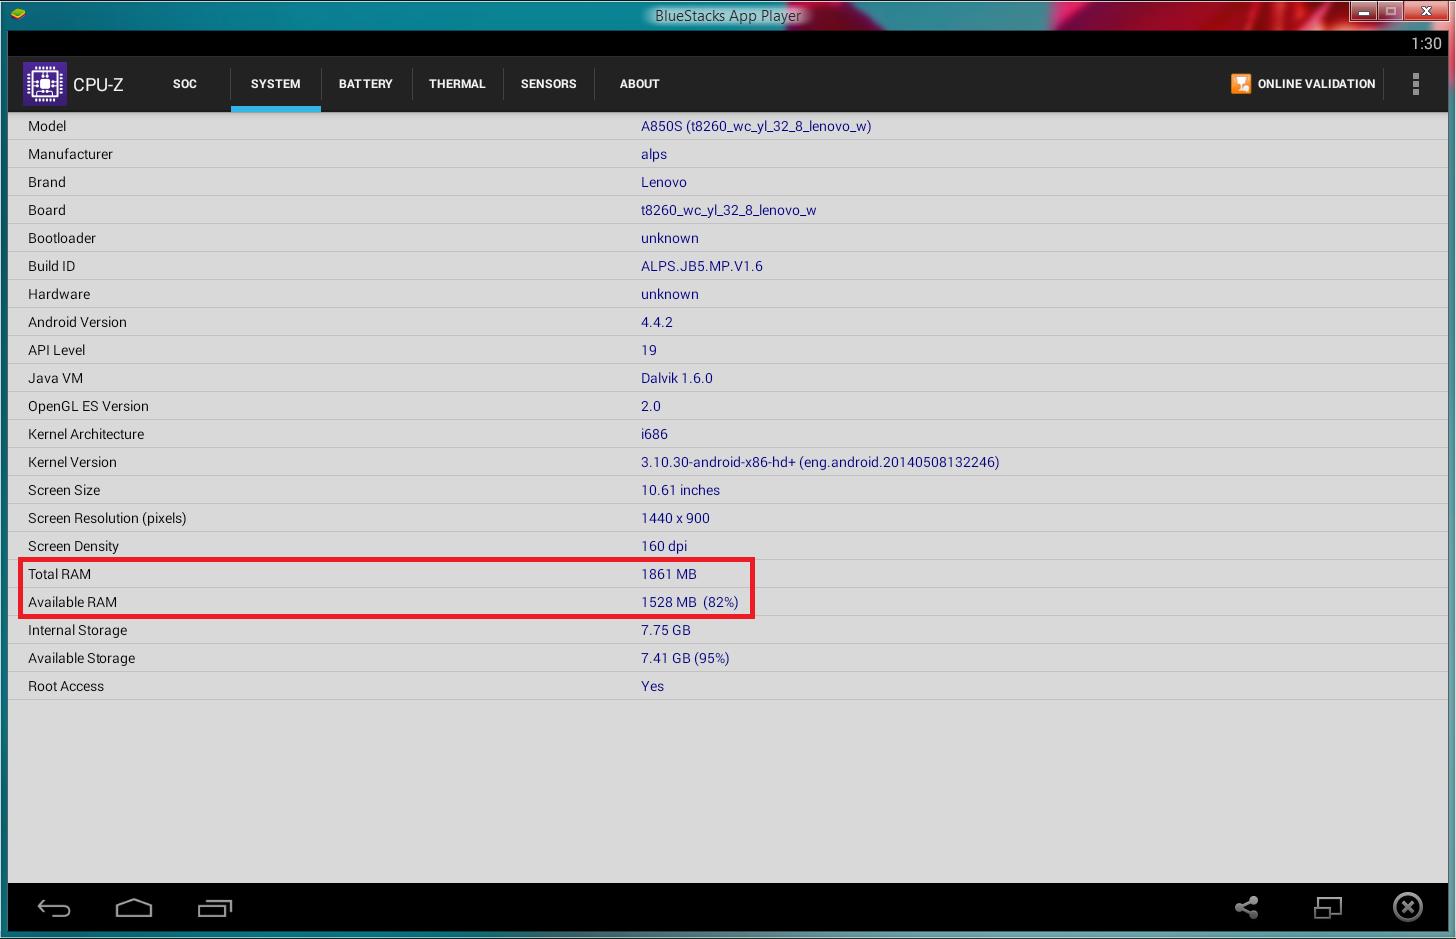 Deteksi RAM BlueStacks menggunakan CPU-Z